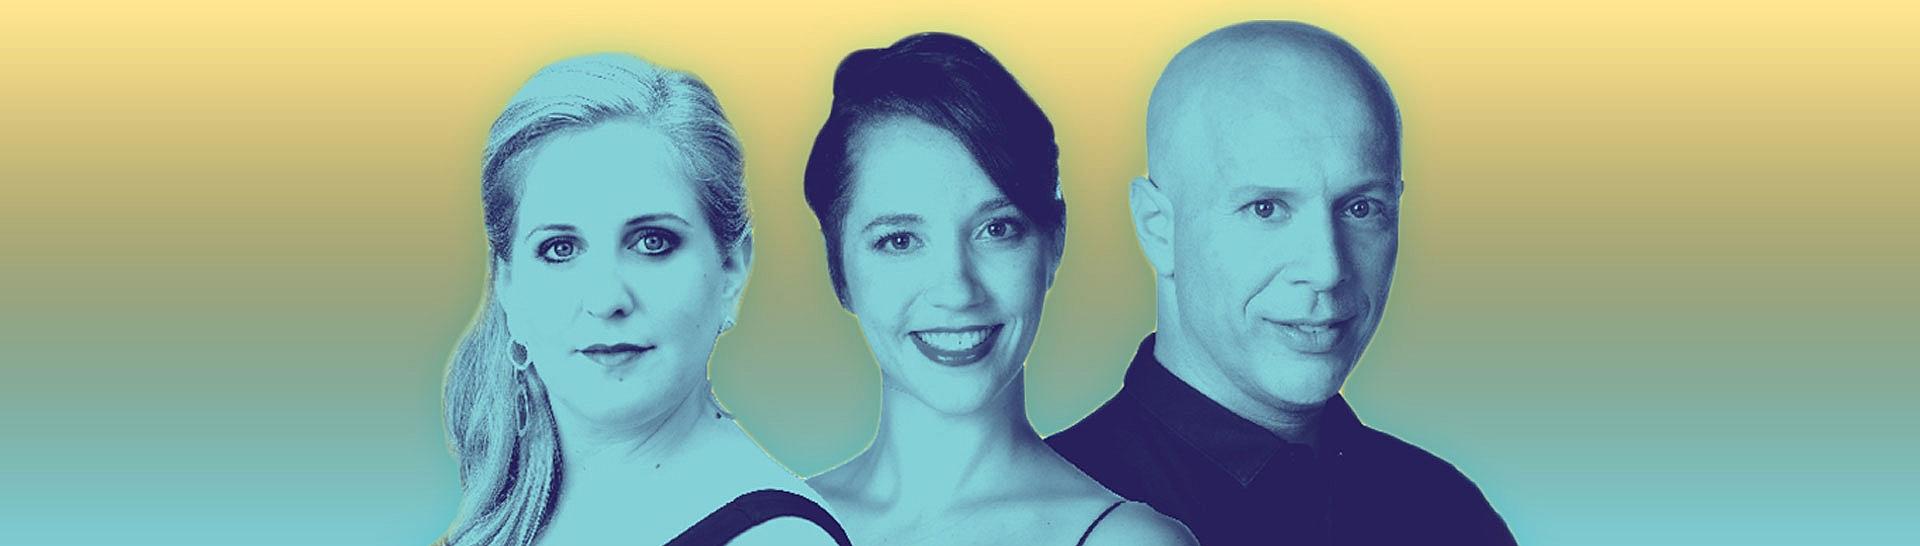 האופרה בצוותא |  כלניות מוסיקליות